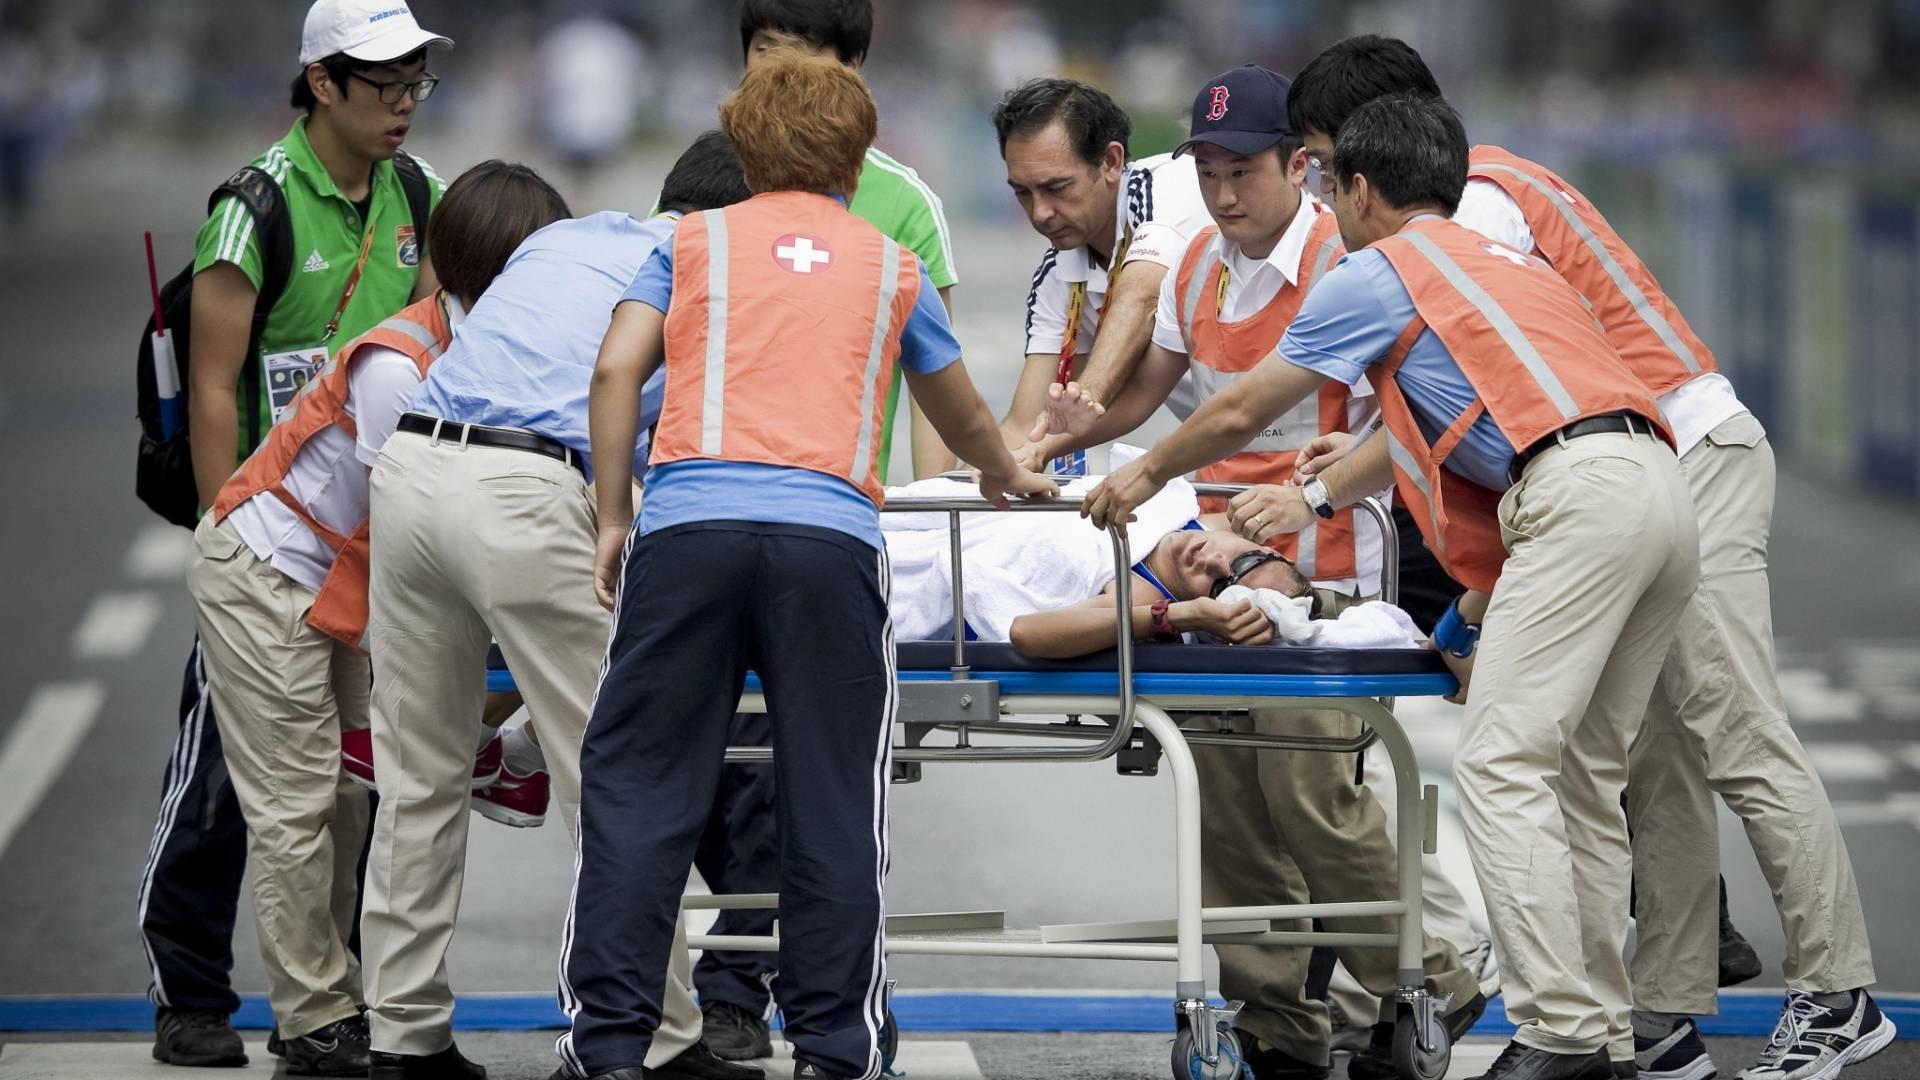 Finlandês Jarkko Kinnunen é carregado em maca depois de sofrer desmaio na prova da marcha de 50 km no Mundial de Daegu (03/09/2011)